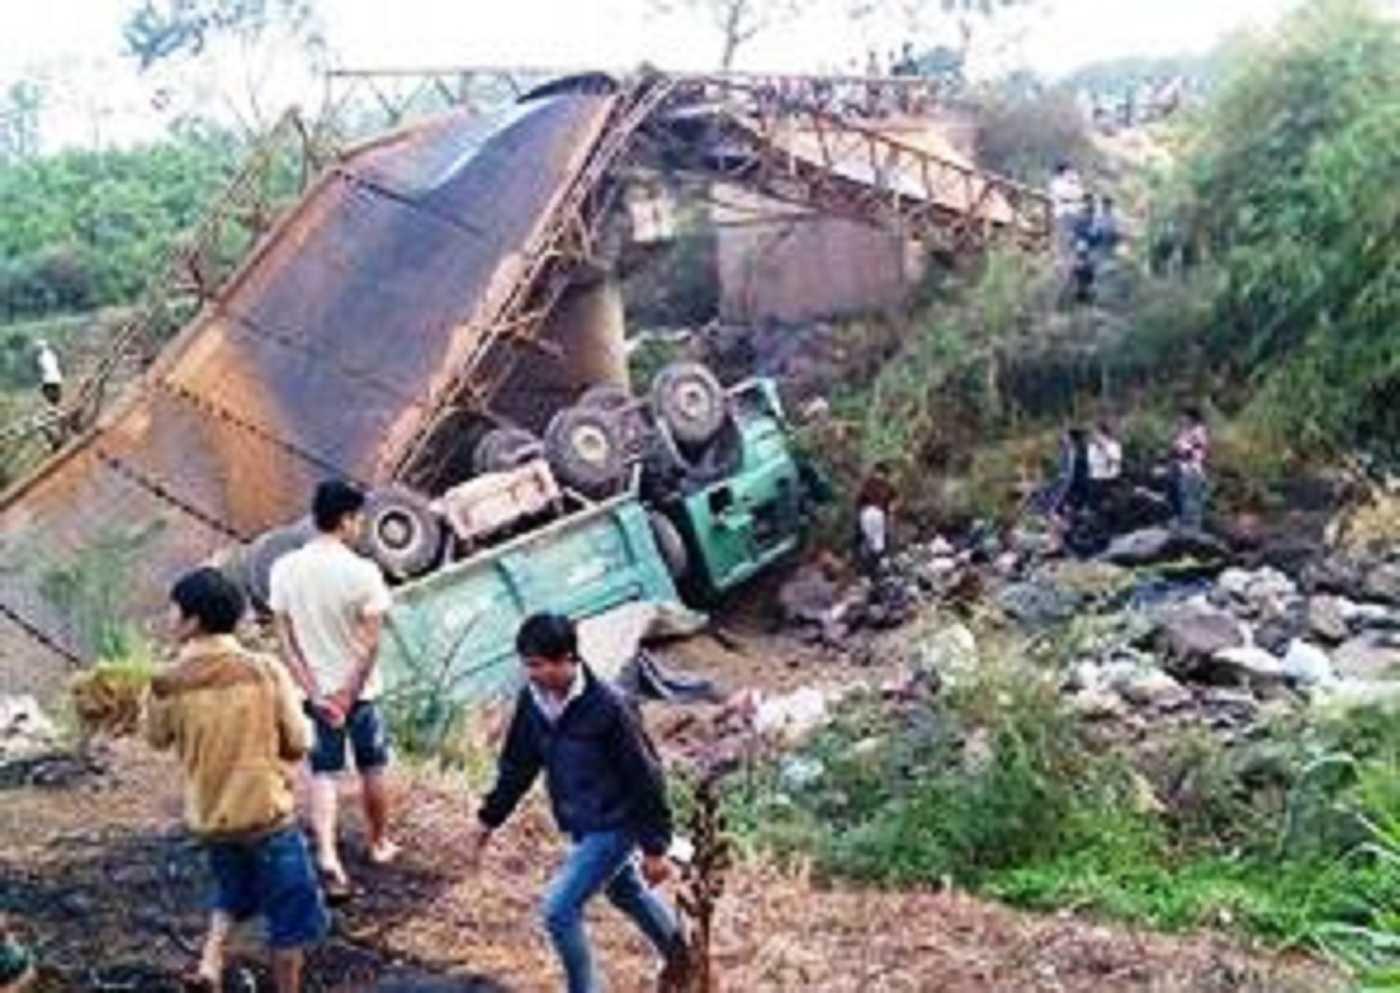 Chiếc cầu bị sập hoàn toàn, xe tải hư hỏng nặng, biện dạng. Rất may không có thiệt hại về người. (Ảnh FB)